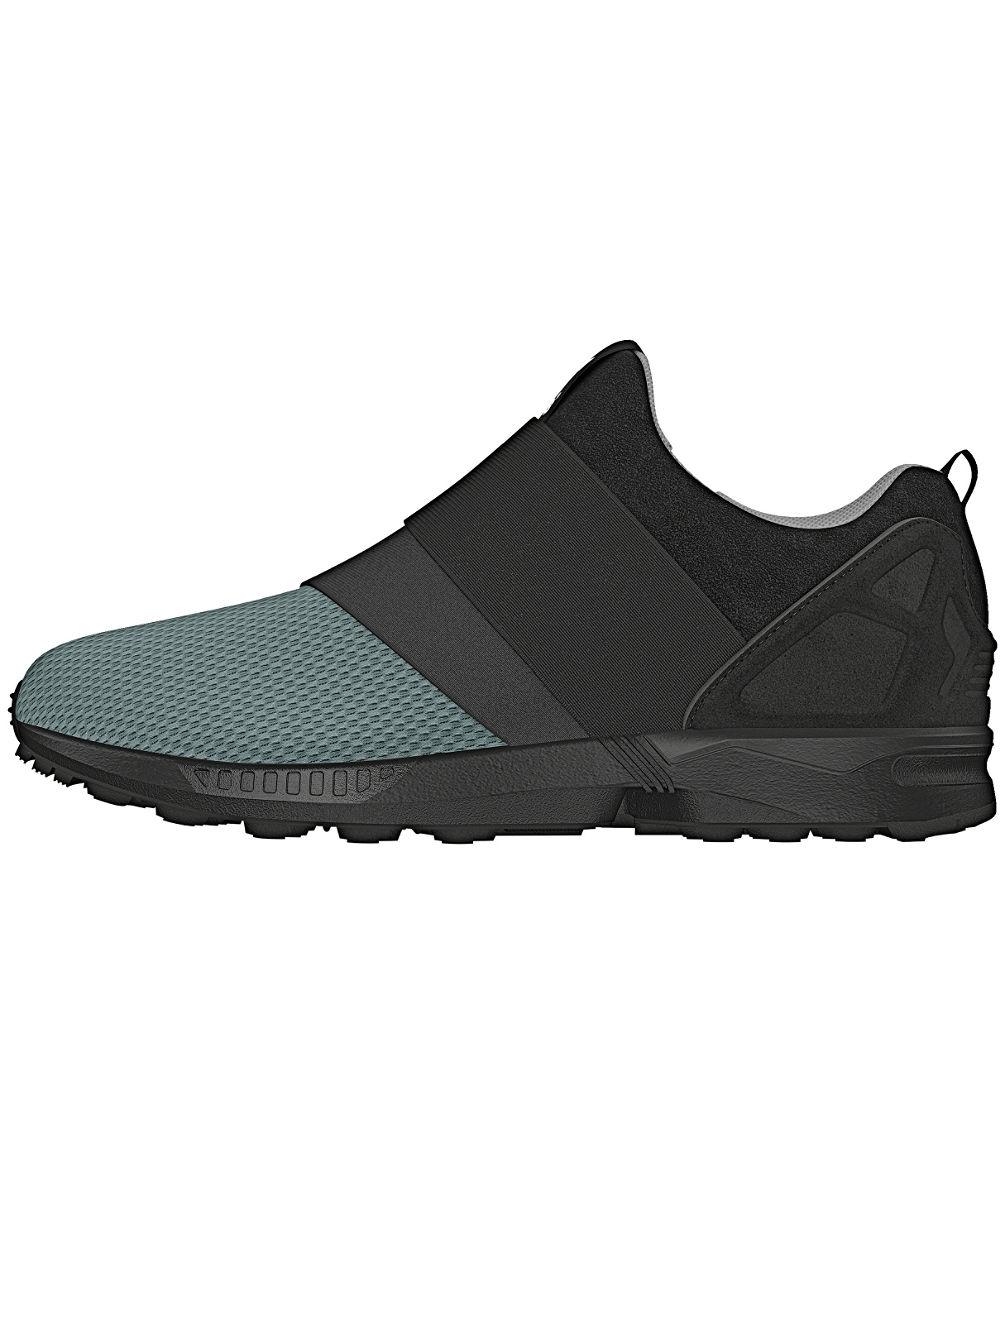 Fine Originals Shoes Women Adidas Zx Flux Nps Updt Shoes Black